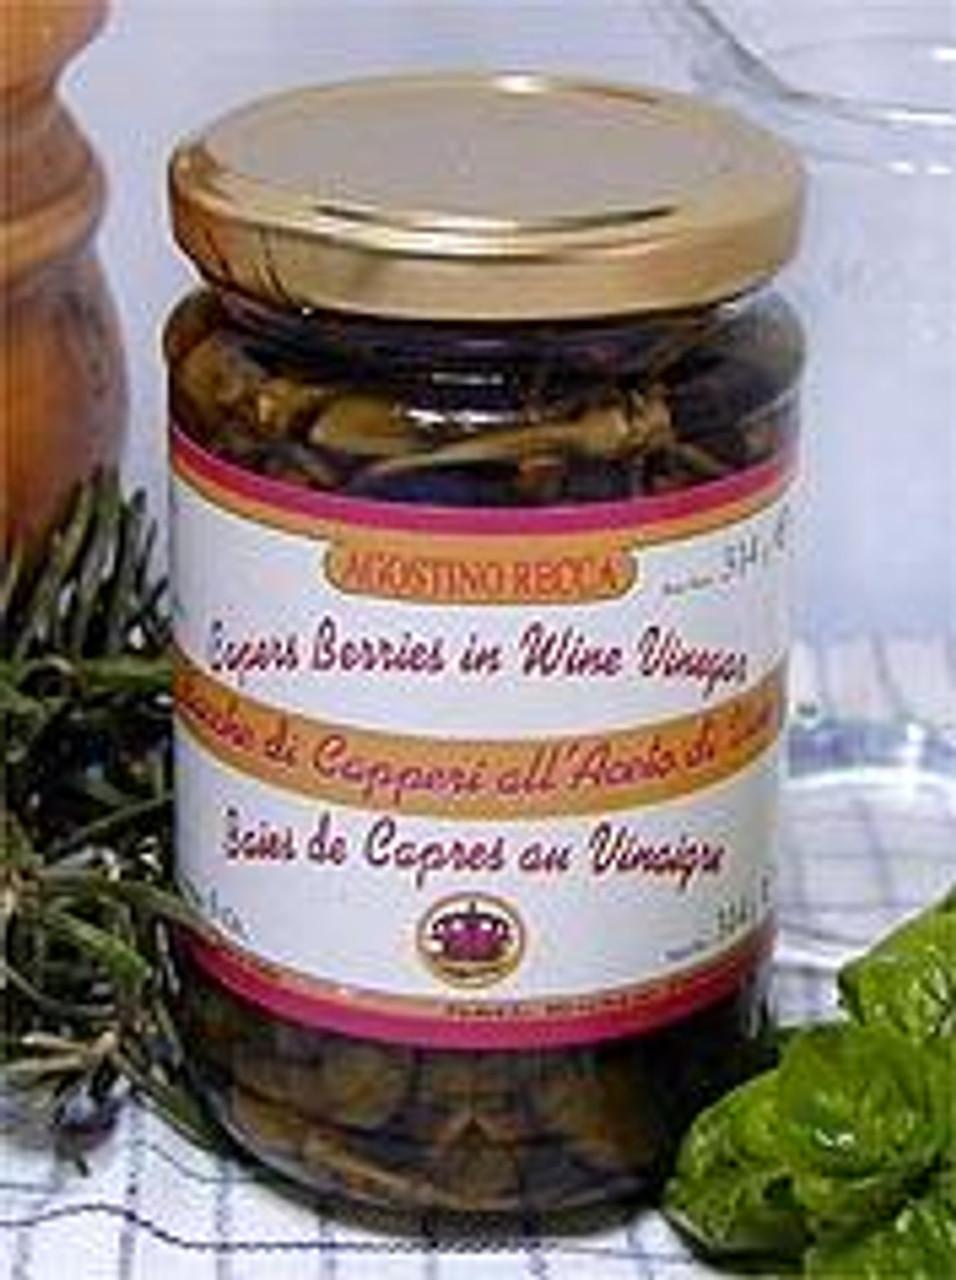 Capers Berries in Wine Vinegar